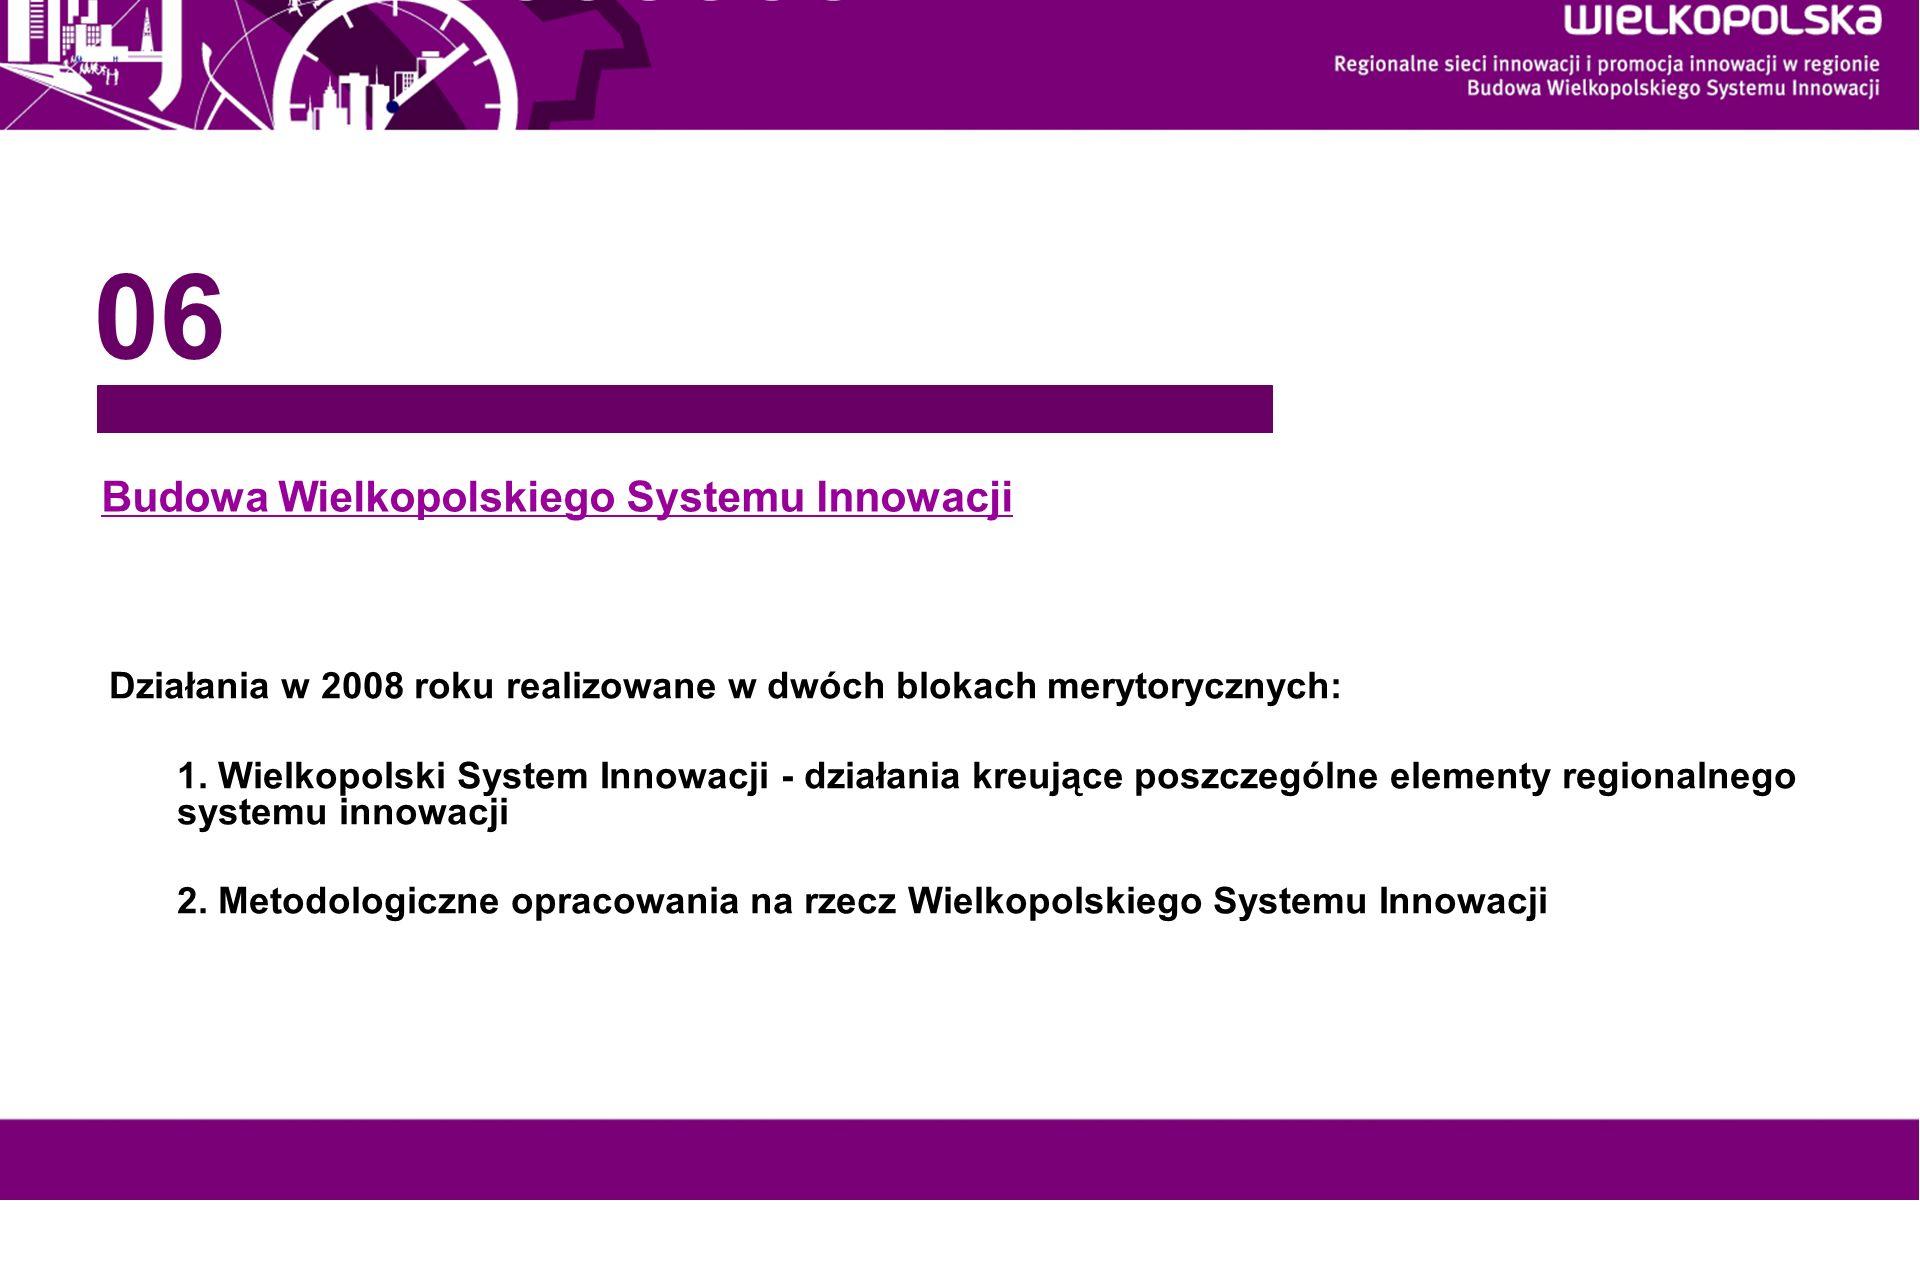 Budowa Wielkopolskiego Systemu Innowacji